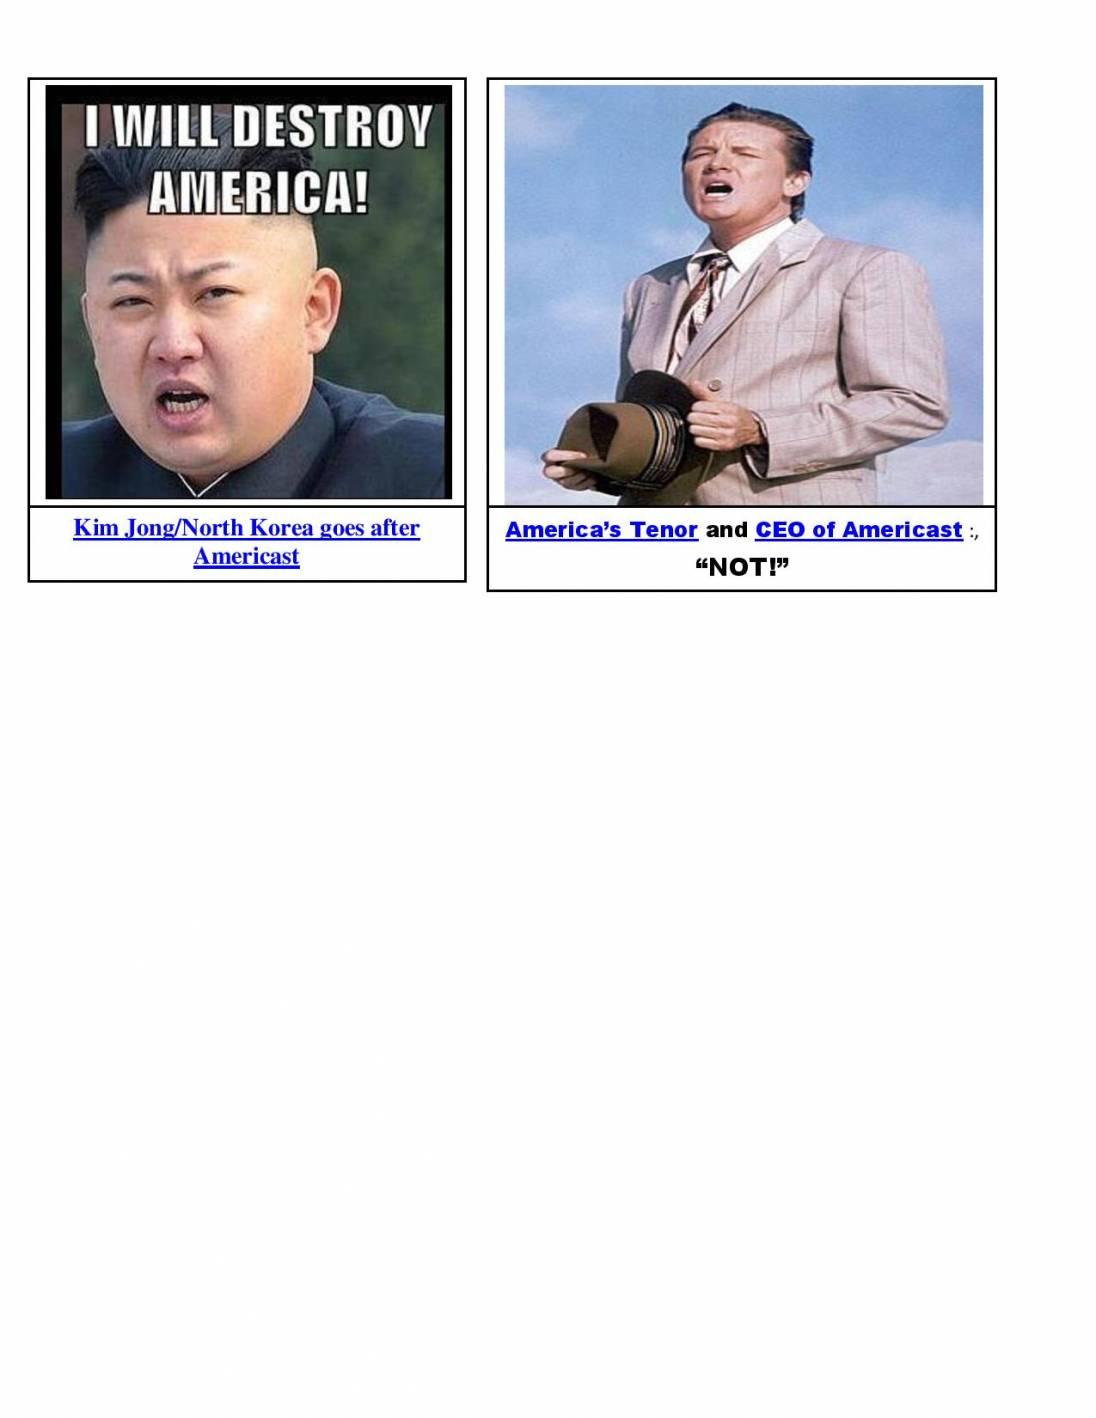 kim vs. america